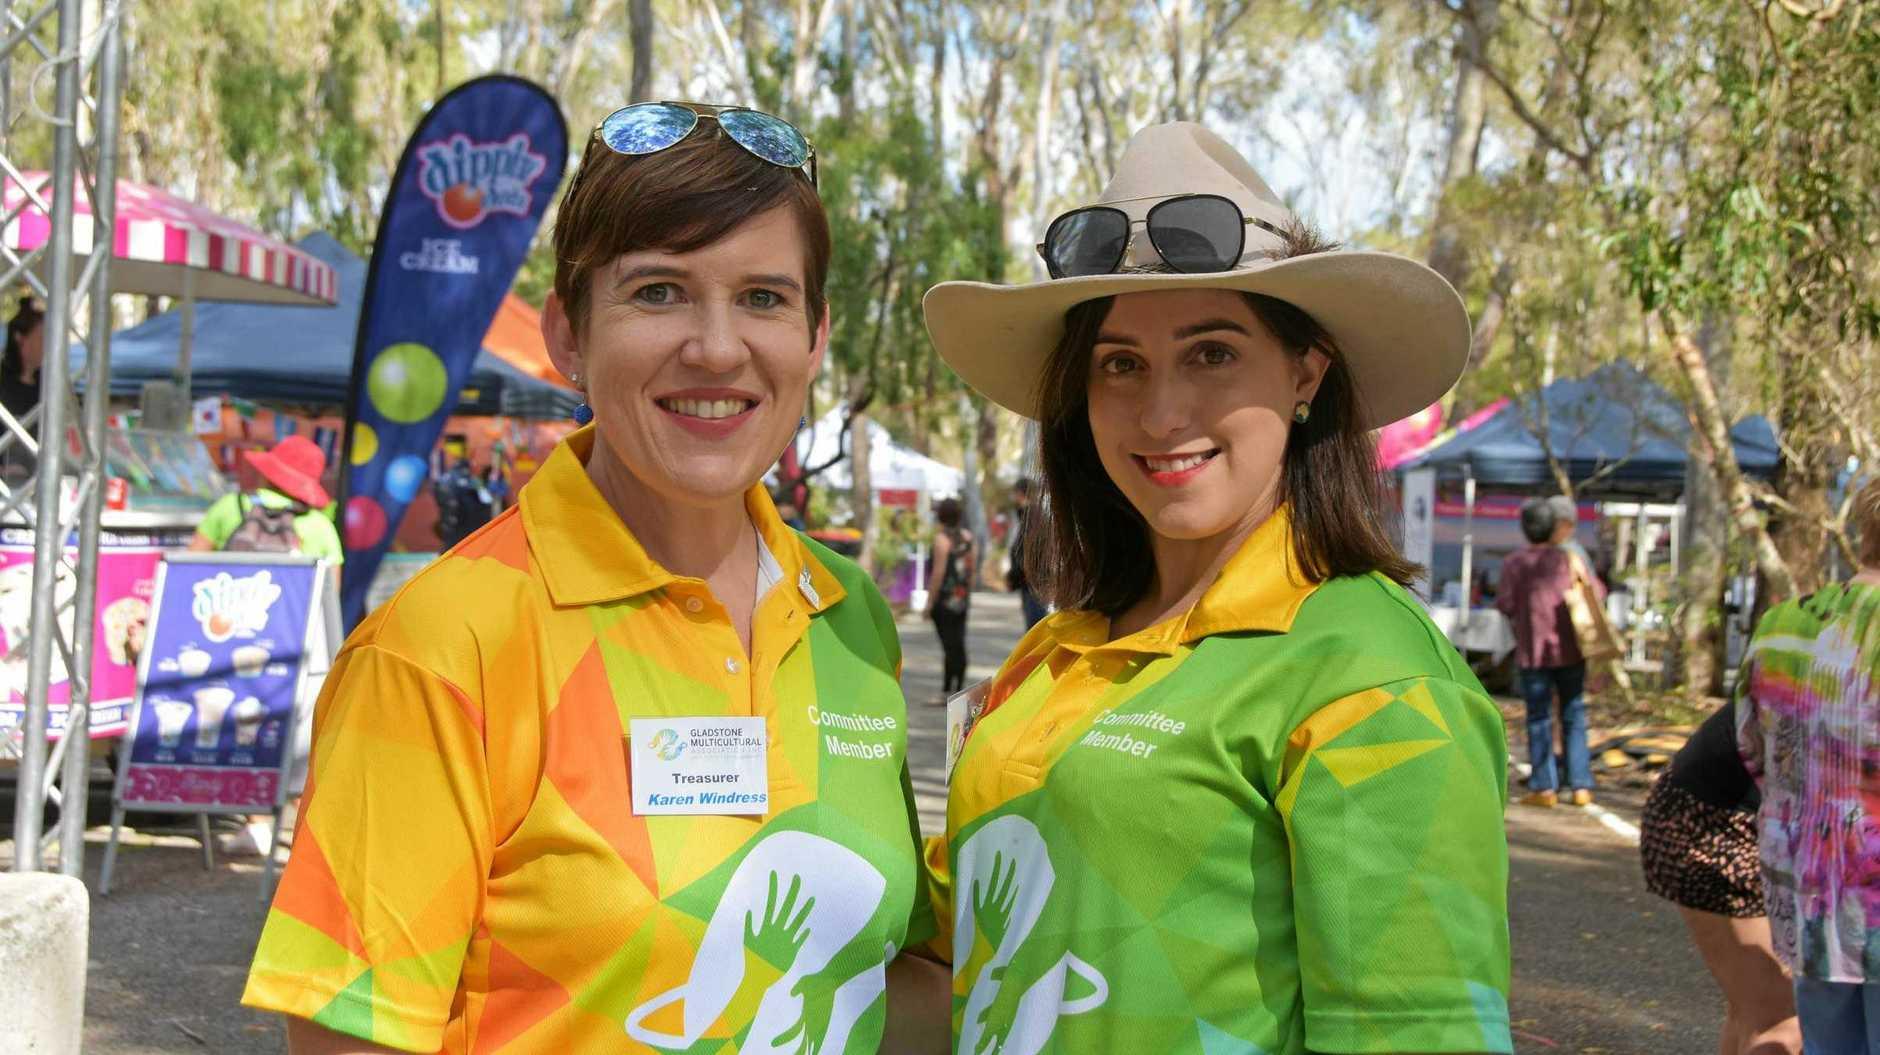 CELEBRATIONS: Gladstone Multicultural Association treasurer Karen Windress and president Helena Sant at Gladstone's Multicultural Festival.